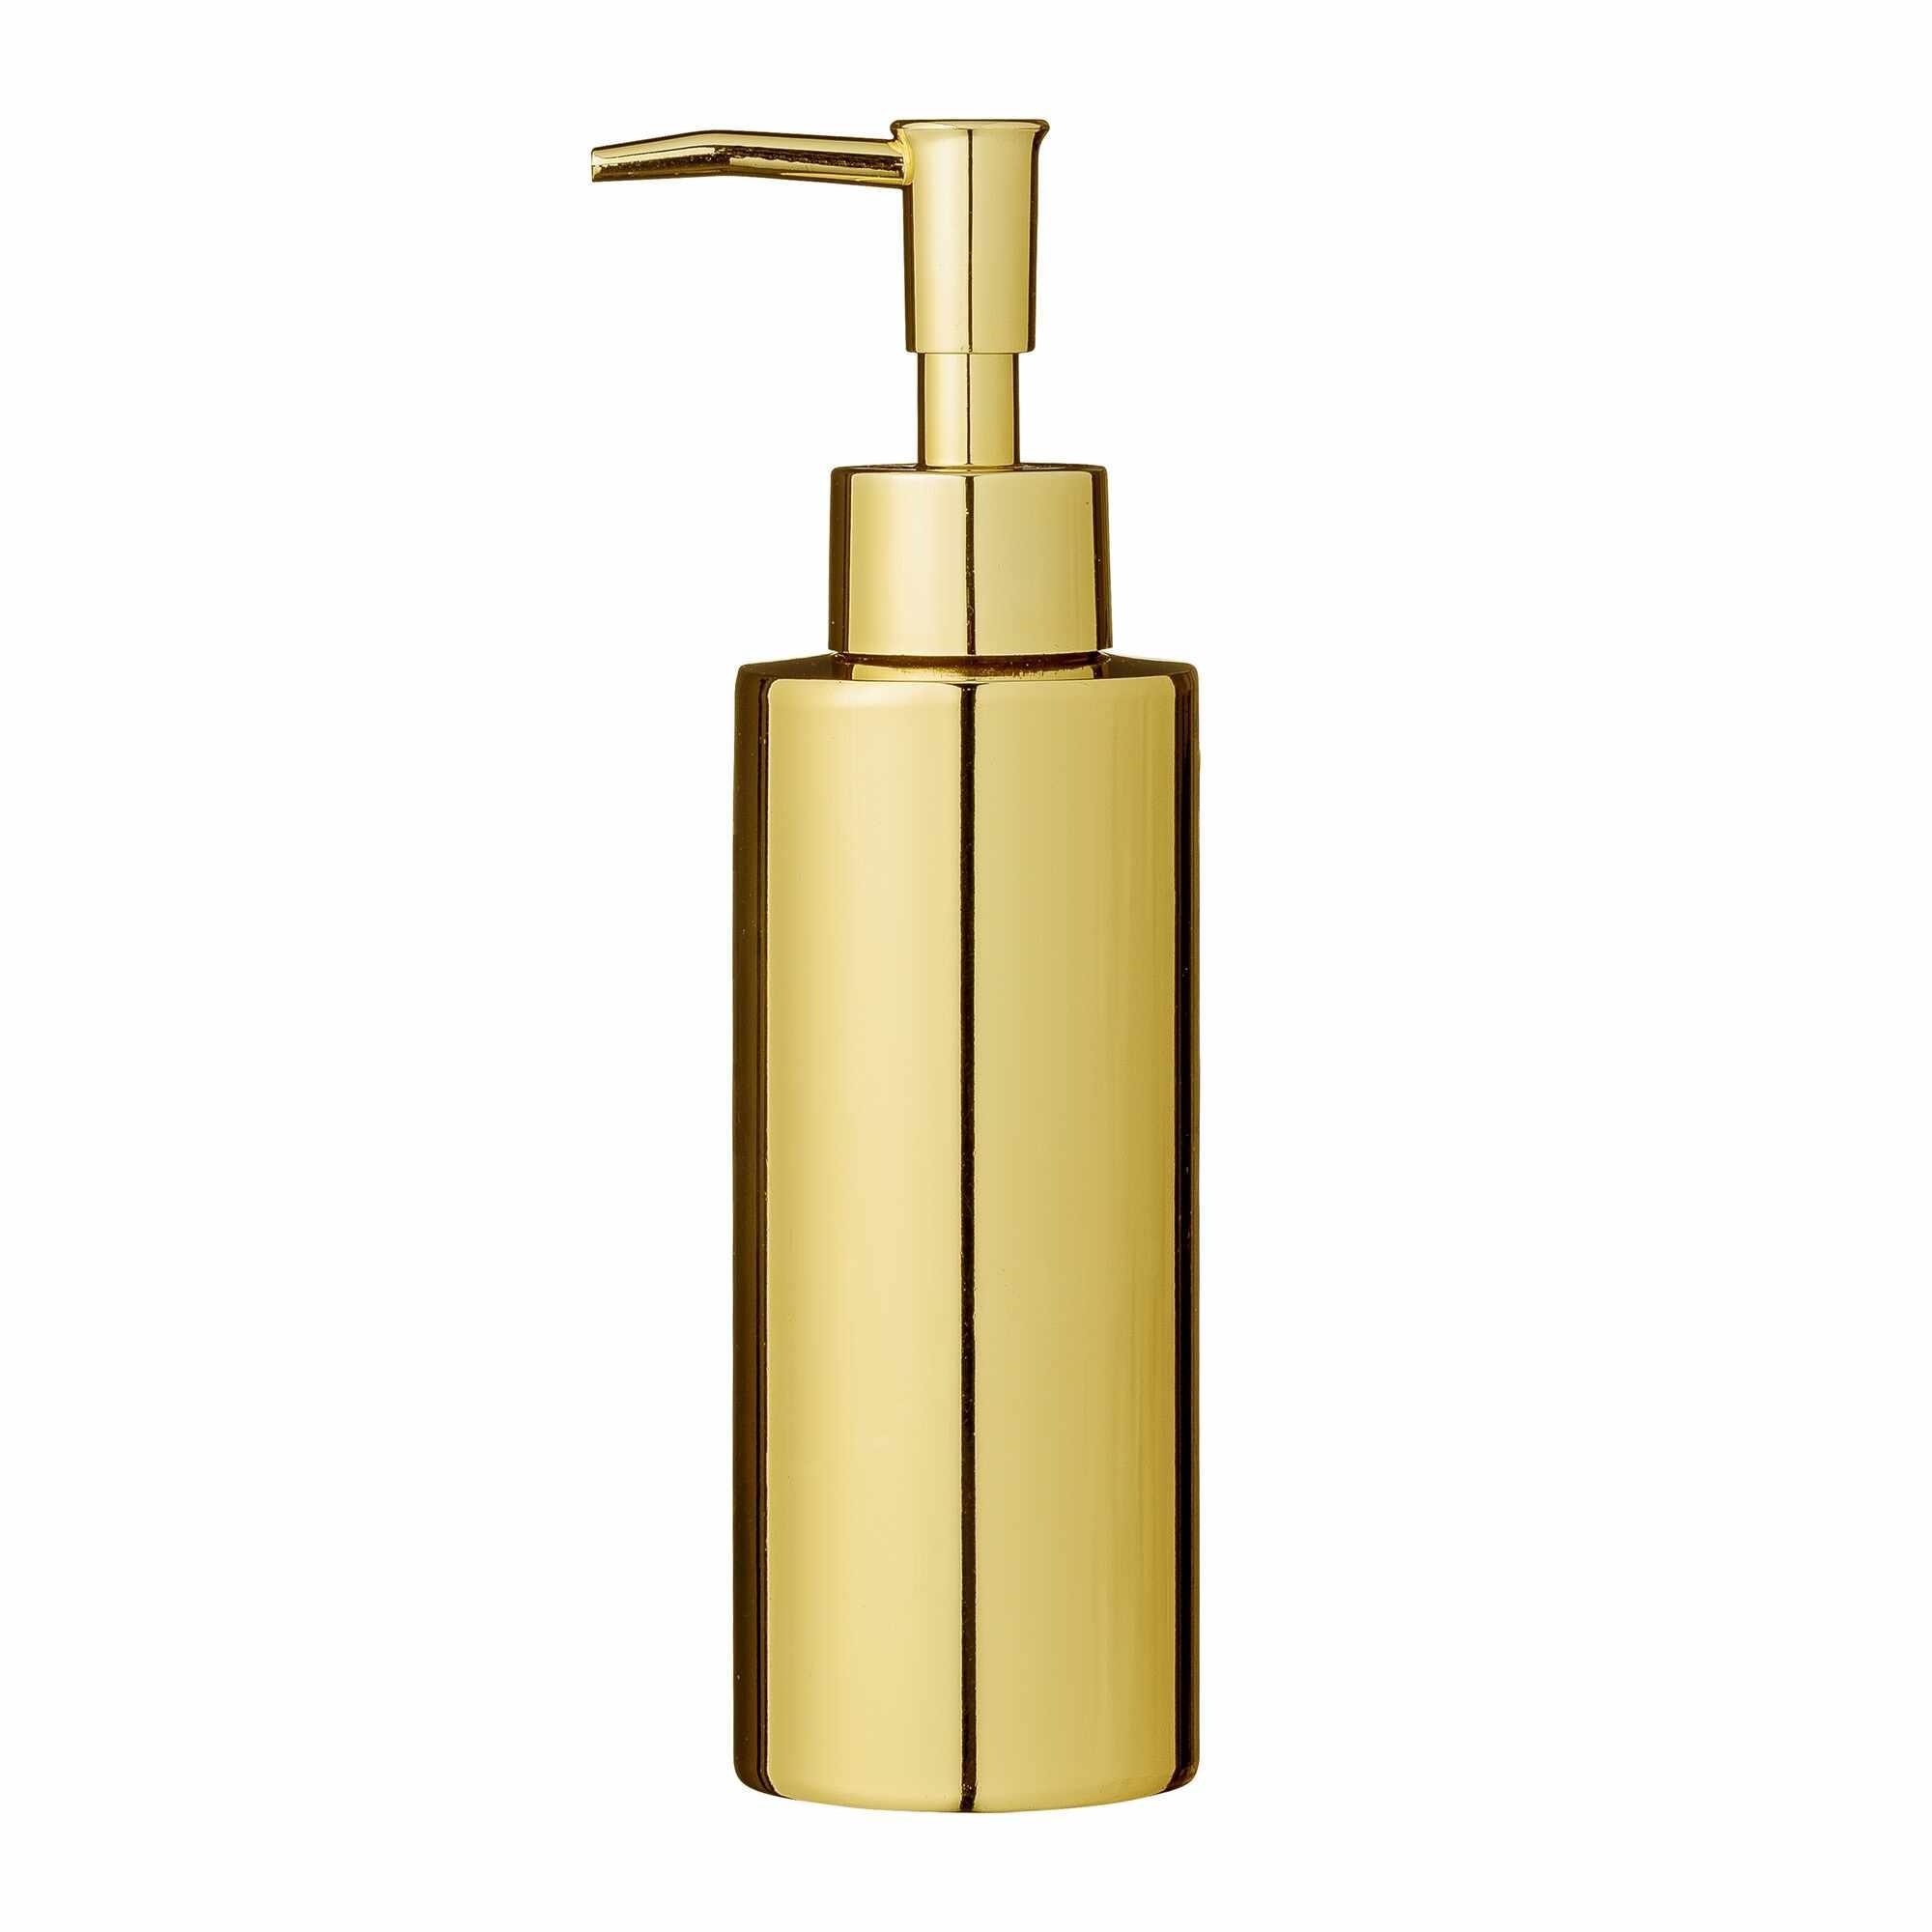 Dozator pentru sapun din metal, Goldy Auriu, Ø5,5xH19,5 cm la pret 168 lei